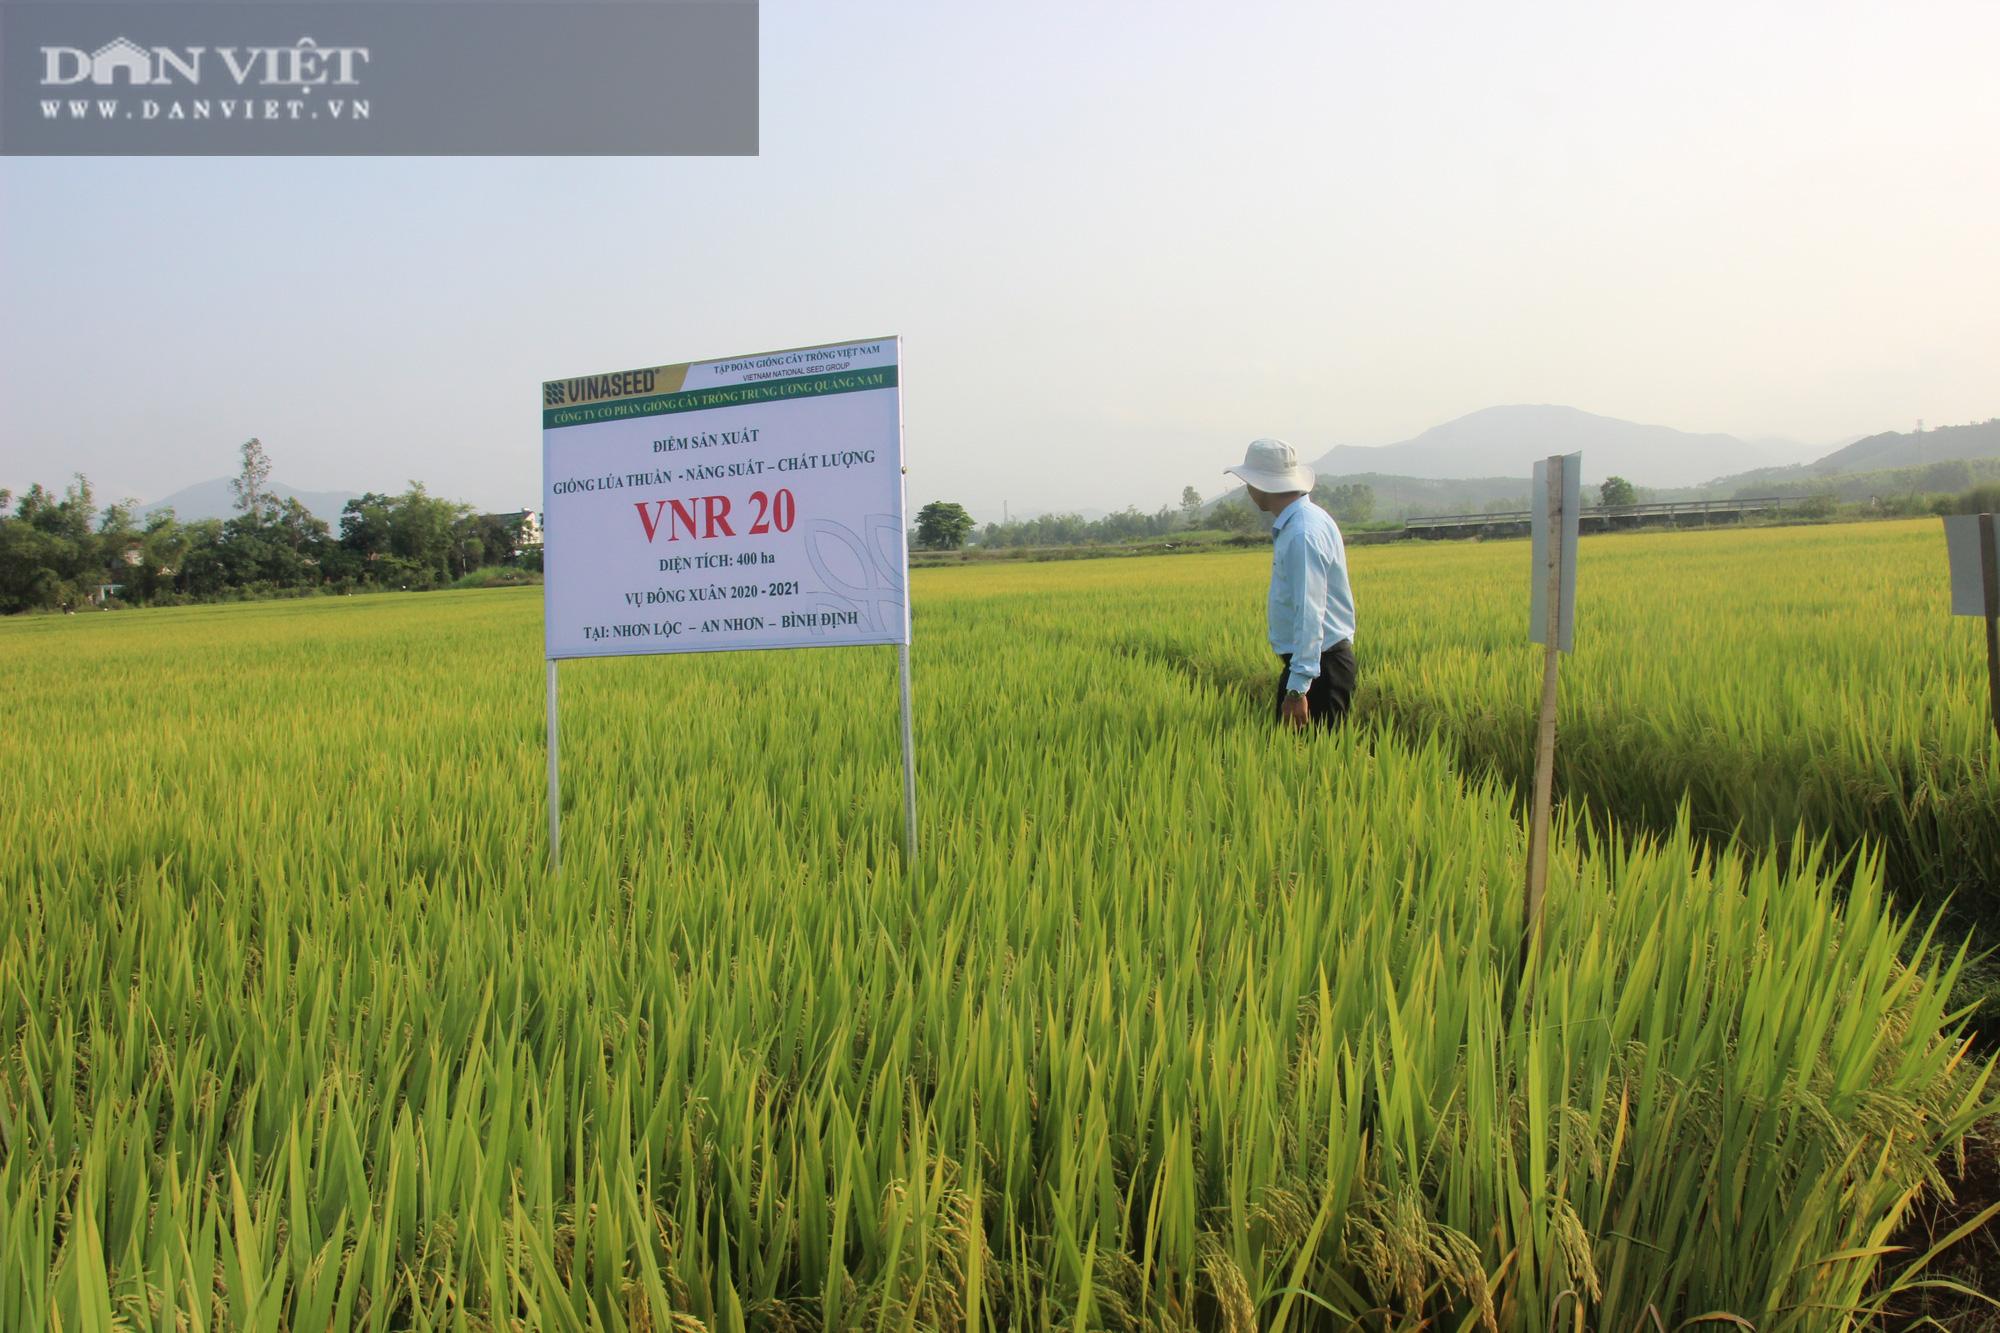 Bất ngờ trước hàng loạt giống lúa mới của VinaSeed trên vùng đất Bình Định - Ảnh 1.